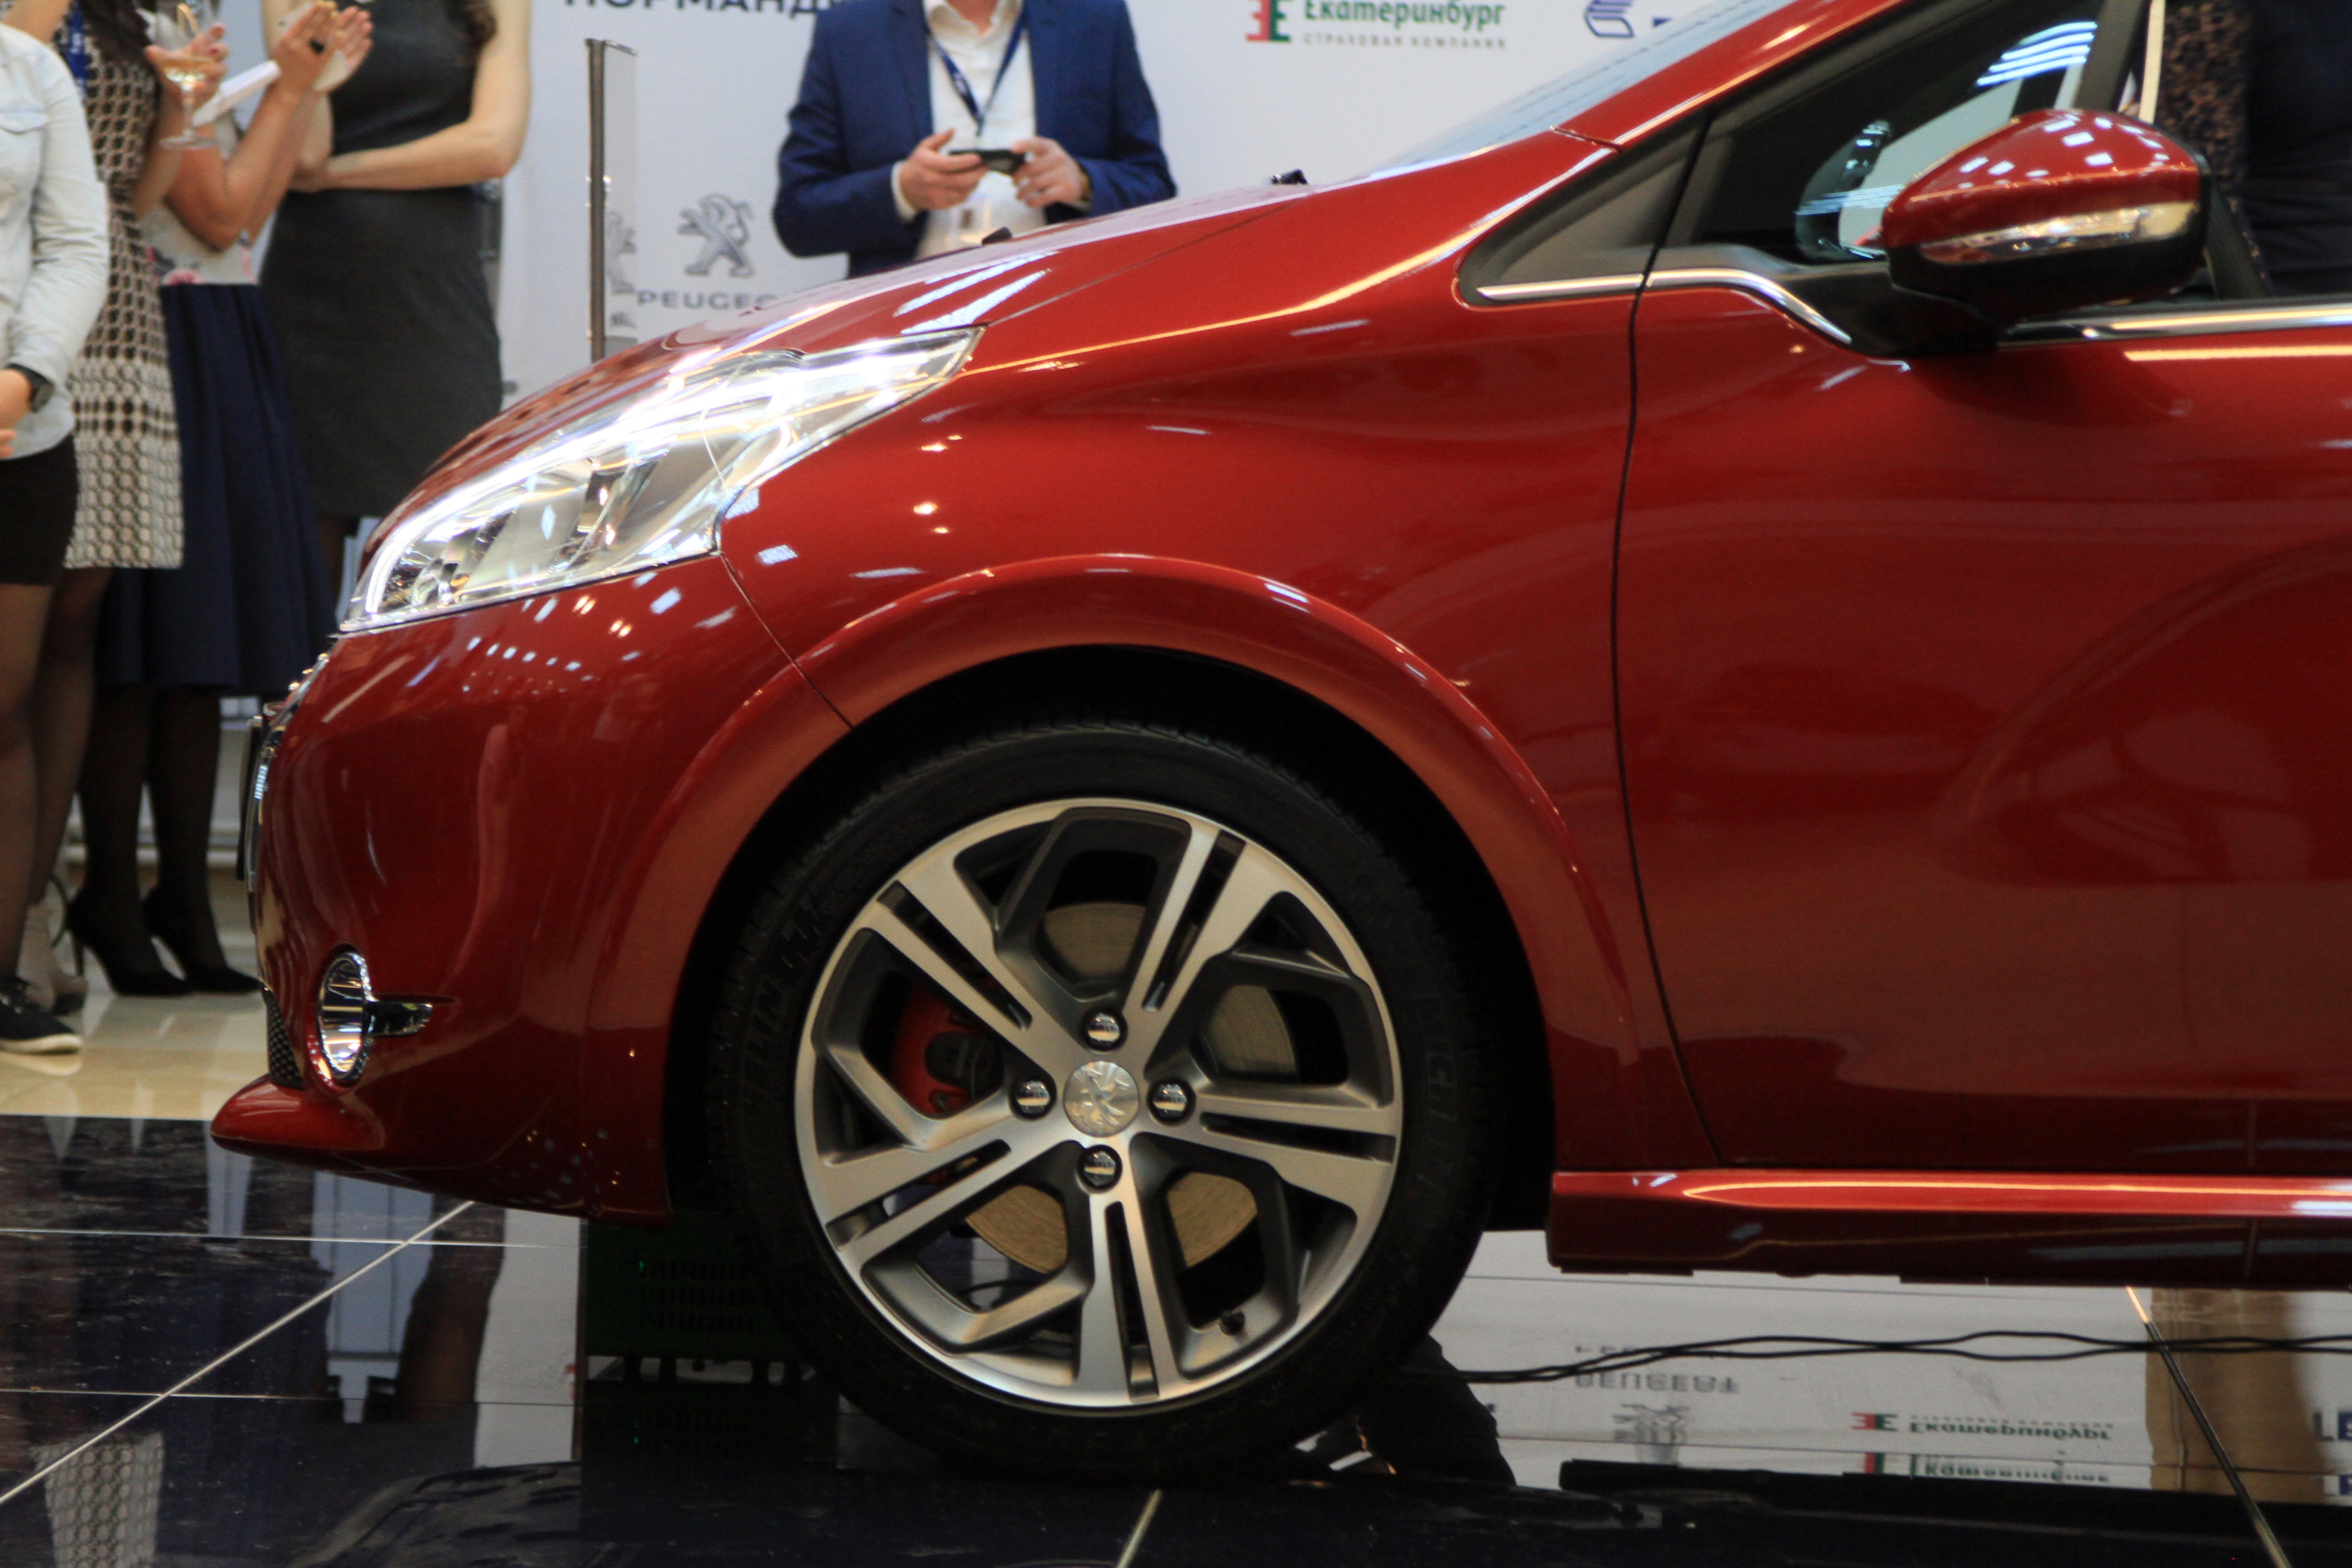 Четвертый скачок: новые машины в Екатеринбурге опять подорожали